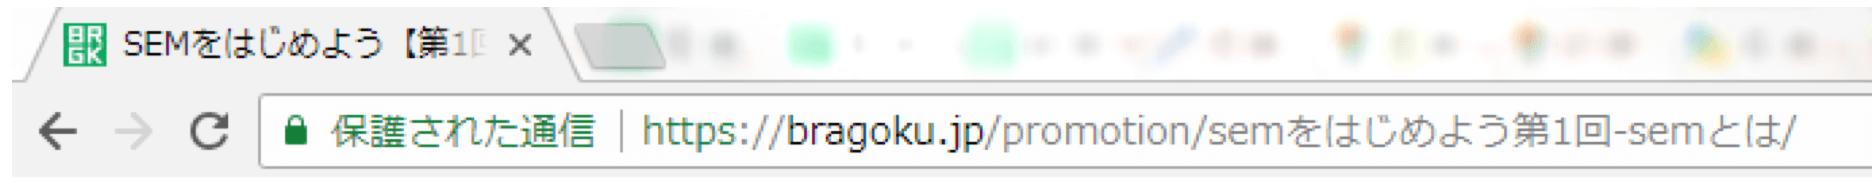 検索結果のタブ画面